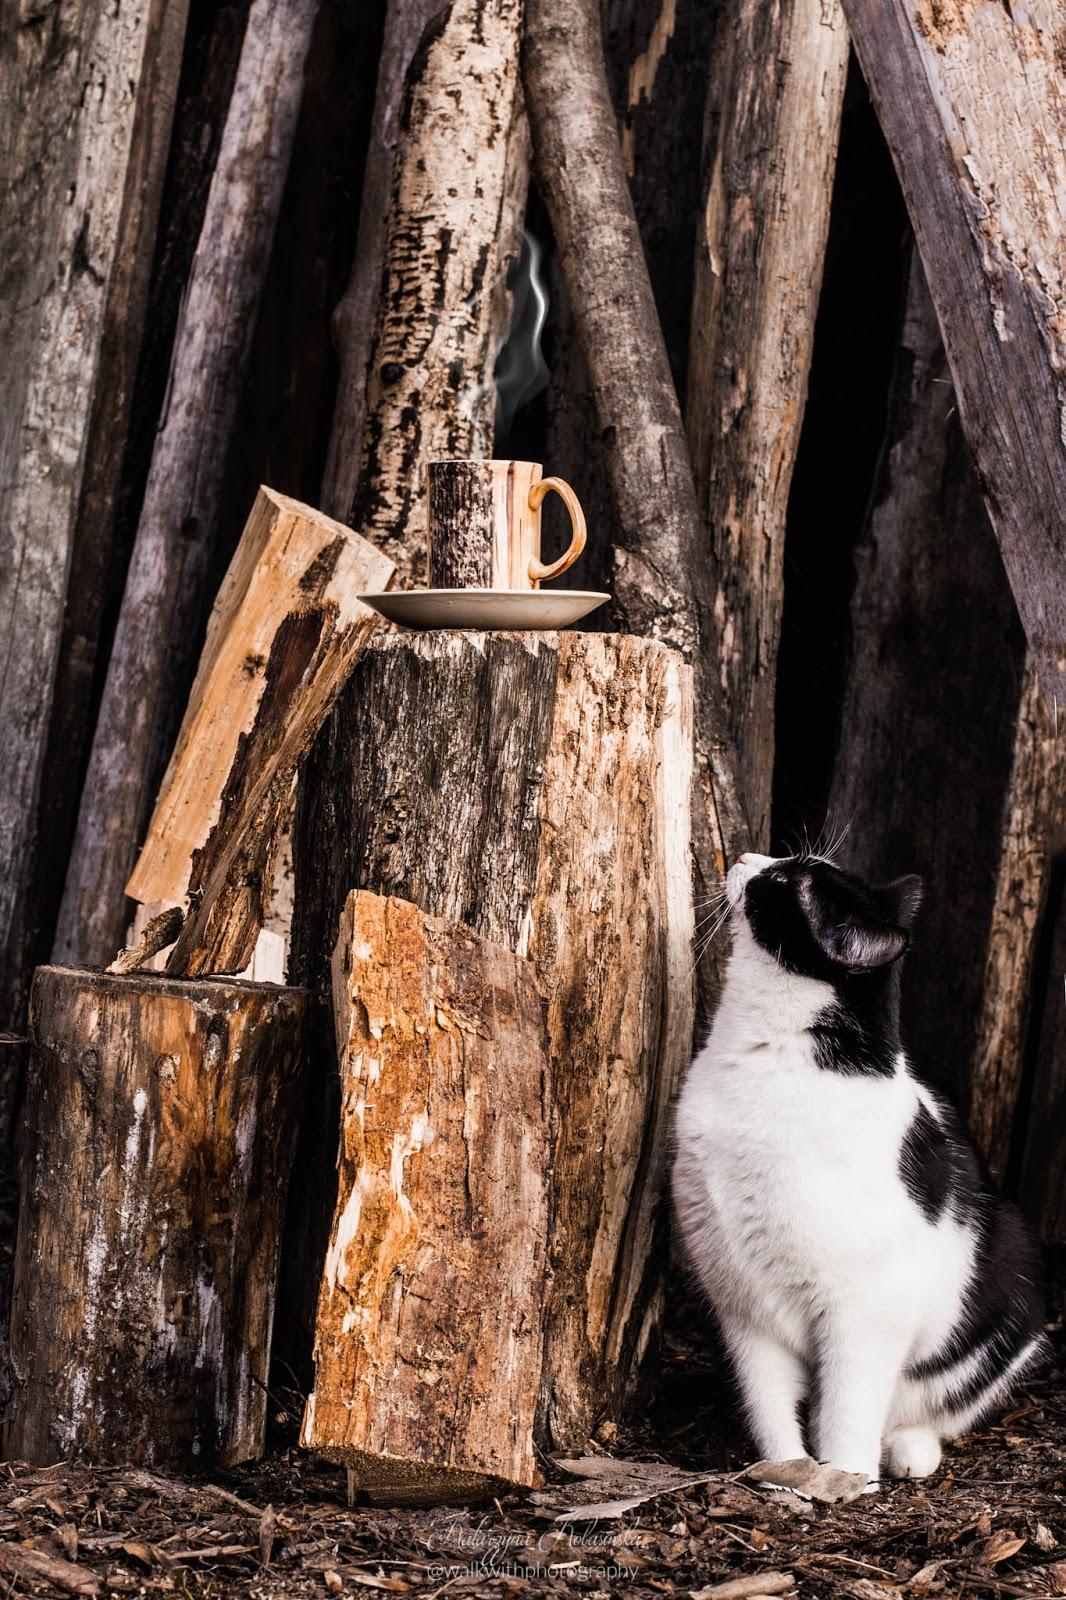 kot patrzy w górę, kot i drewno